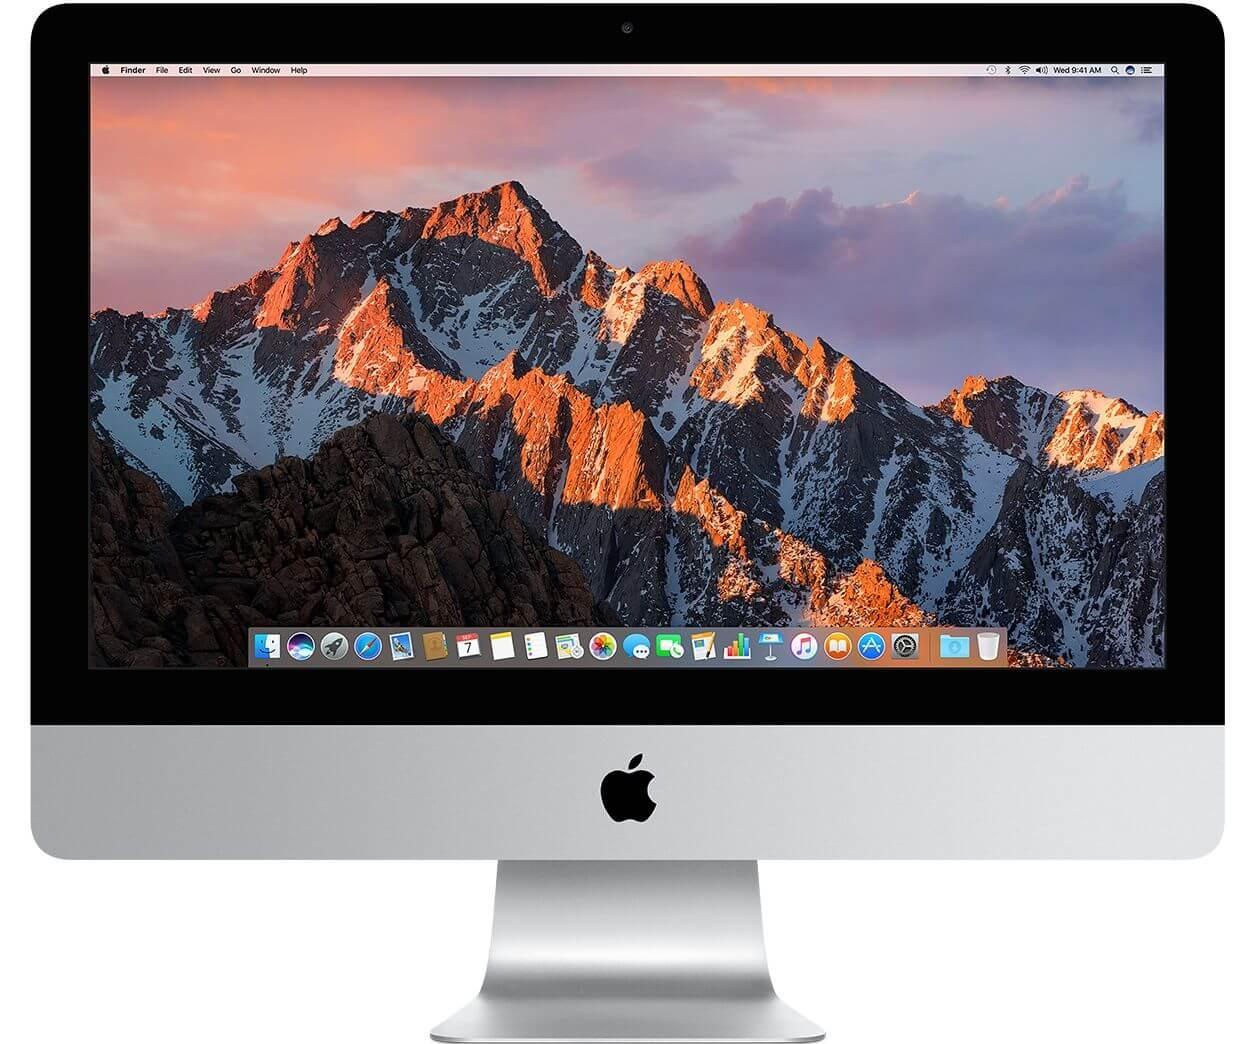 """Настолен компютър Apple iMac 21,5"""" с 2.3GHz двуядрен Intel Core i5 процесор и 8GB памет - международна клавиатура"""